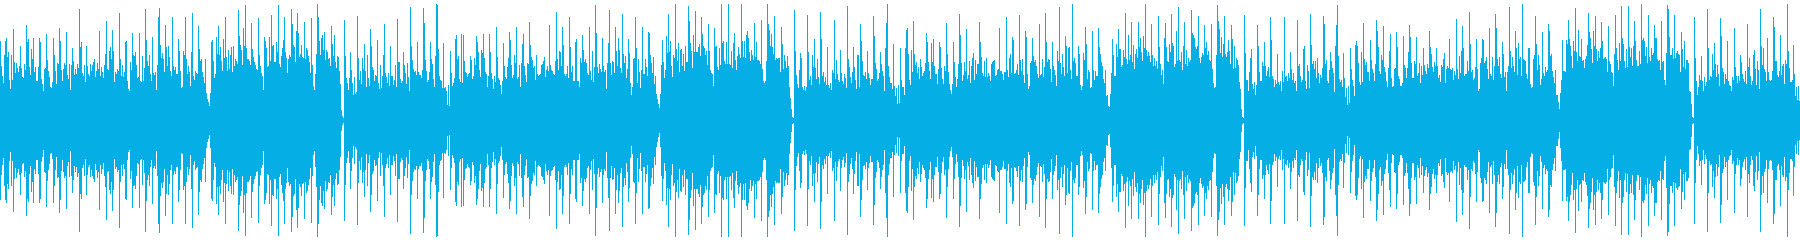 優しく可愛らしい、マンドリンのフォーク曲の再生済みの波形